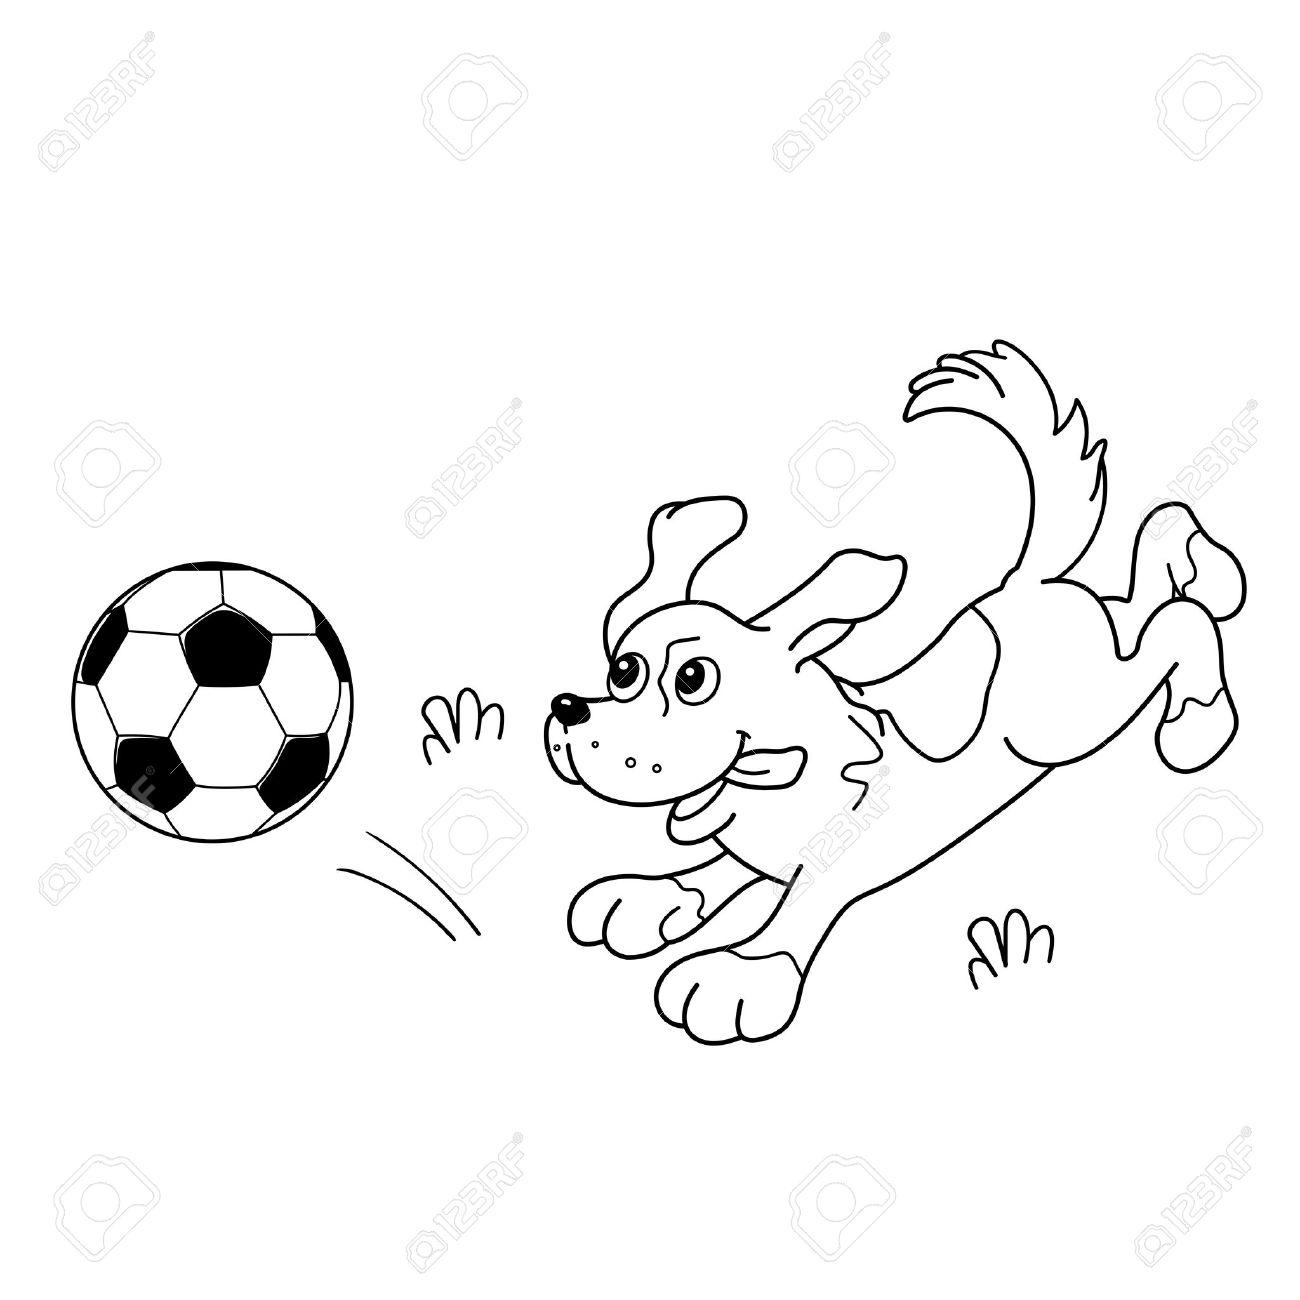 Página Para Colorear Esquema De Perro De Dibujos Animados Con Balón De Fútbol Libro De Colorear Para Niños